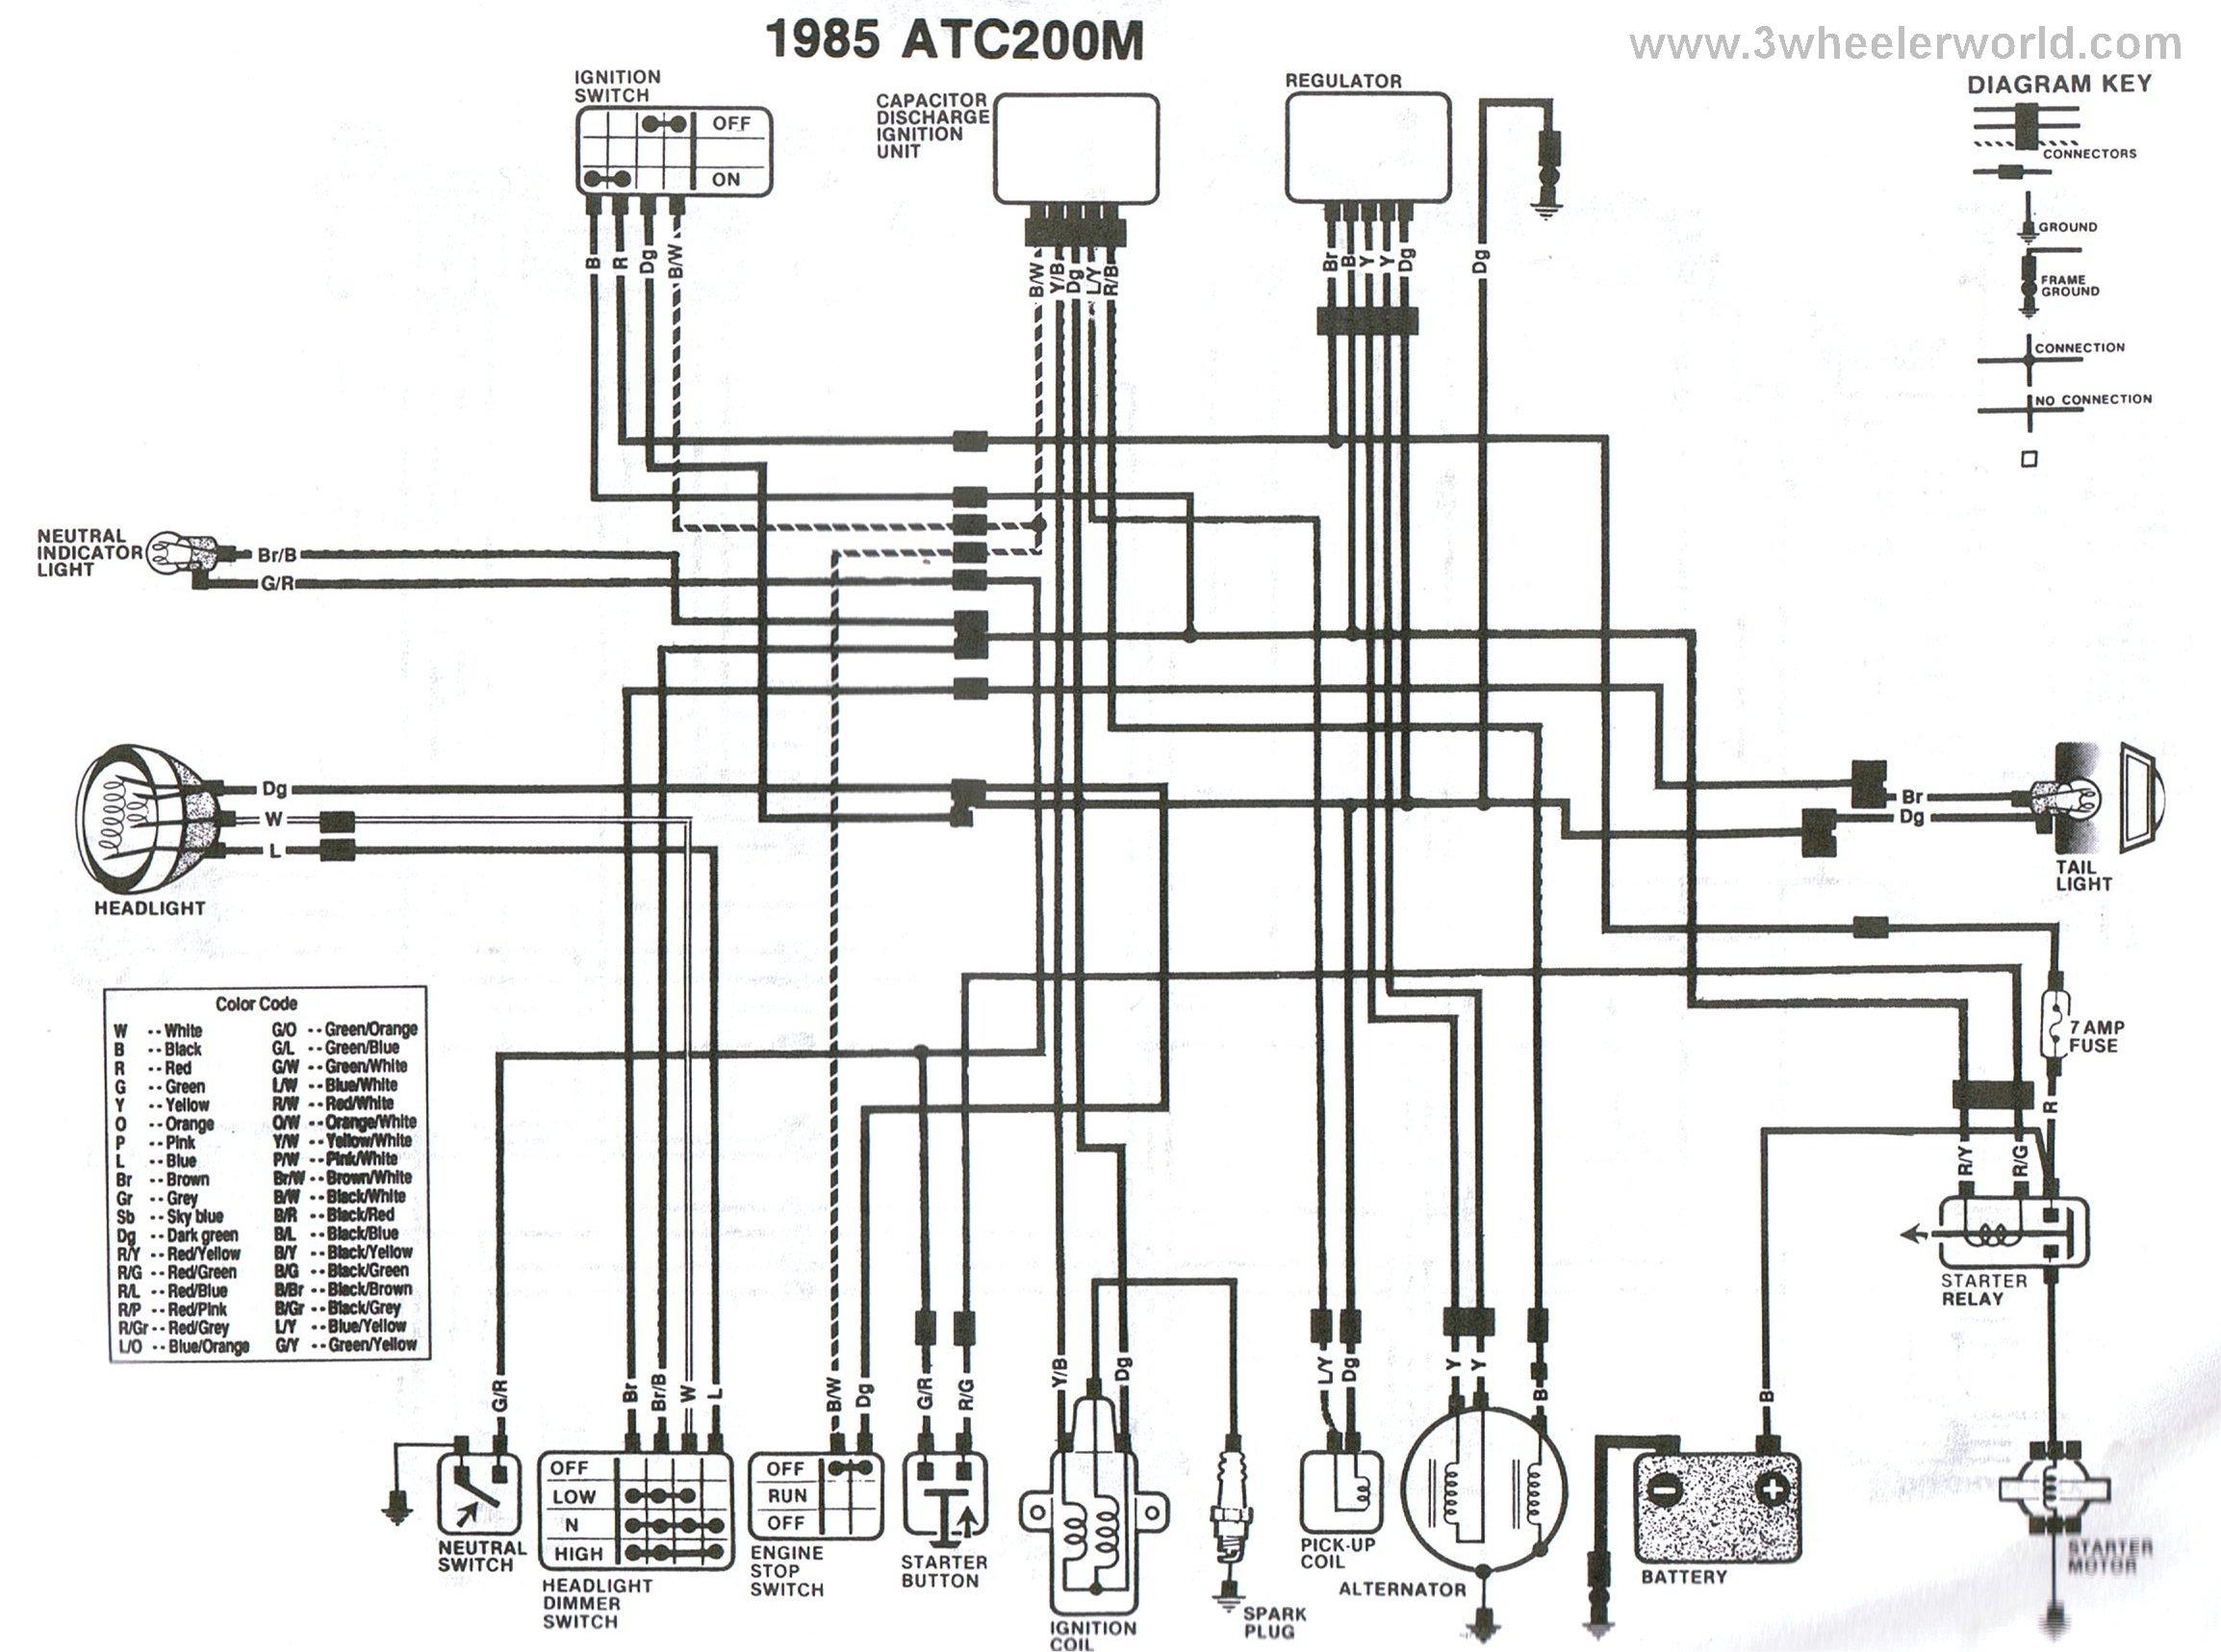 atc200m wiring diagram